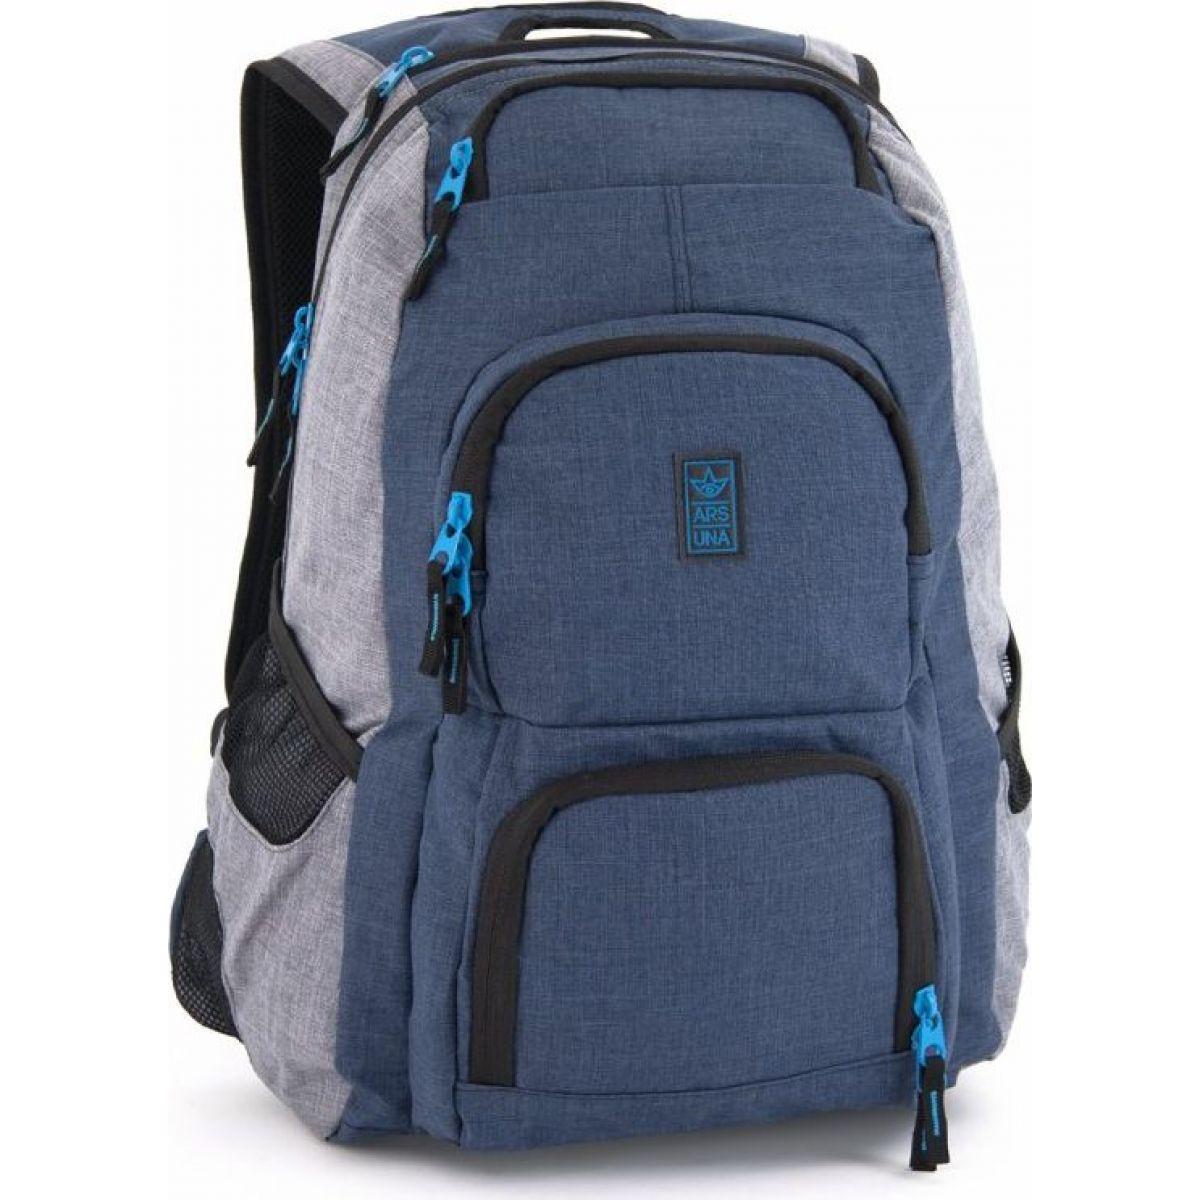 Ars Una Studentský batoh Autonomy AU3 modrošedý